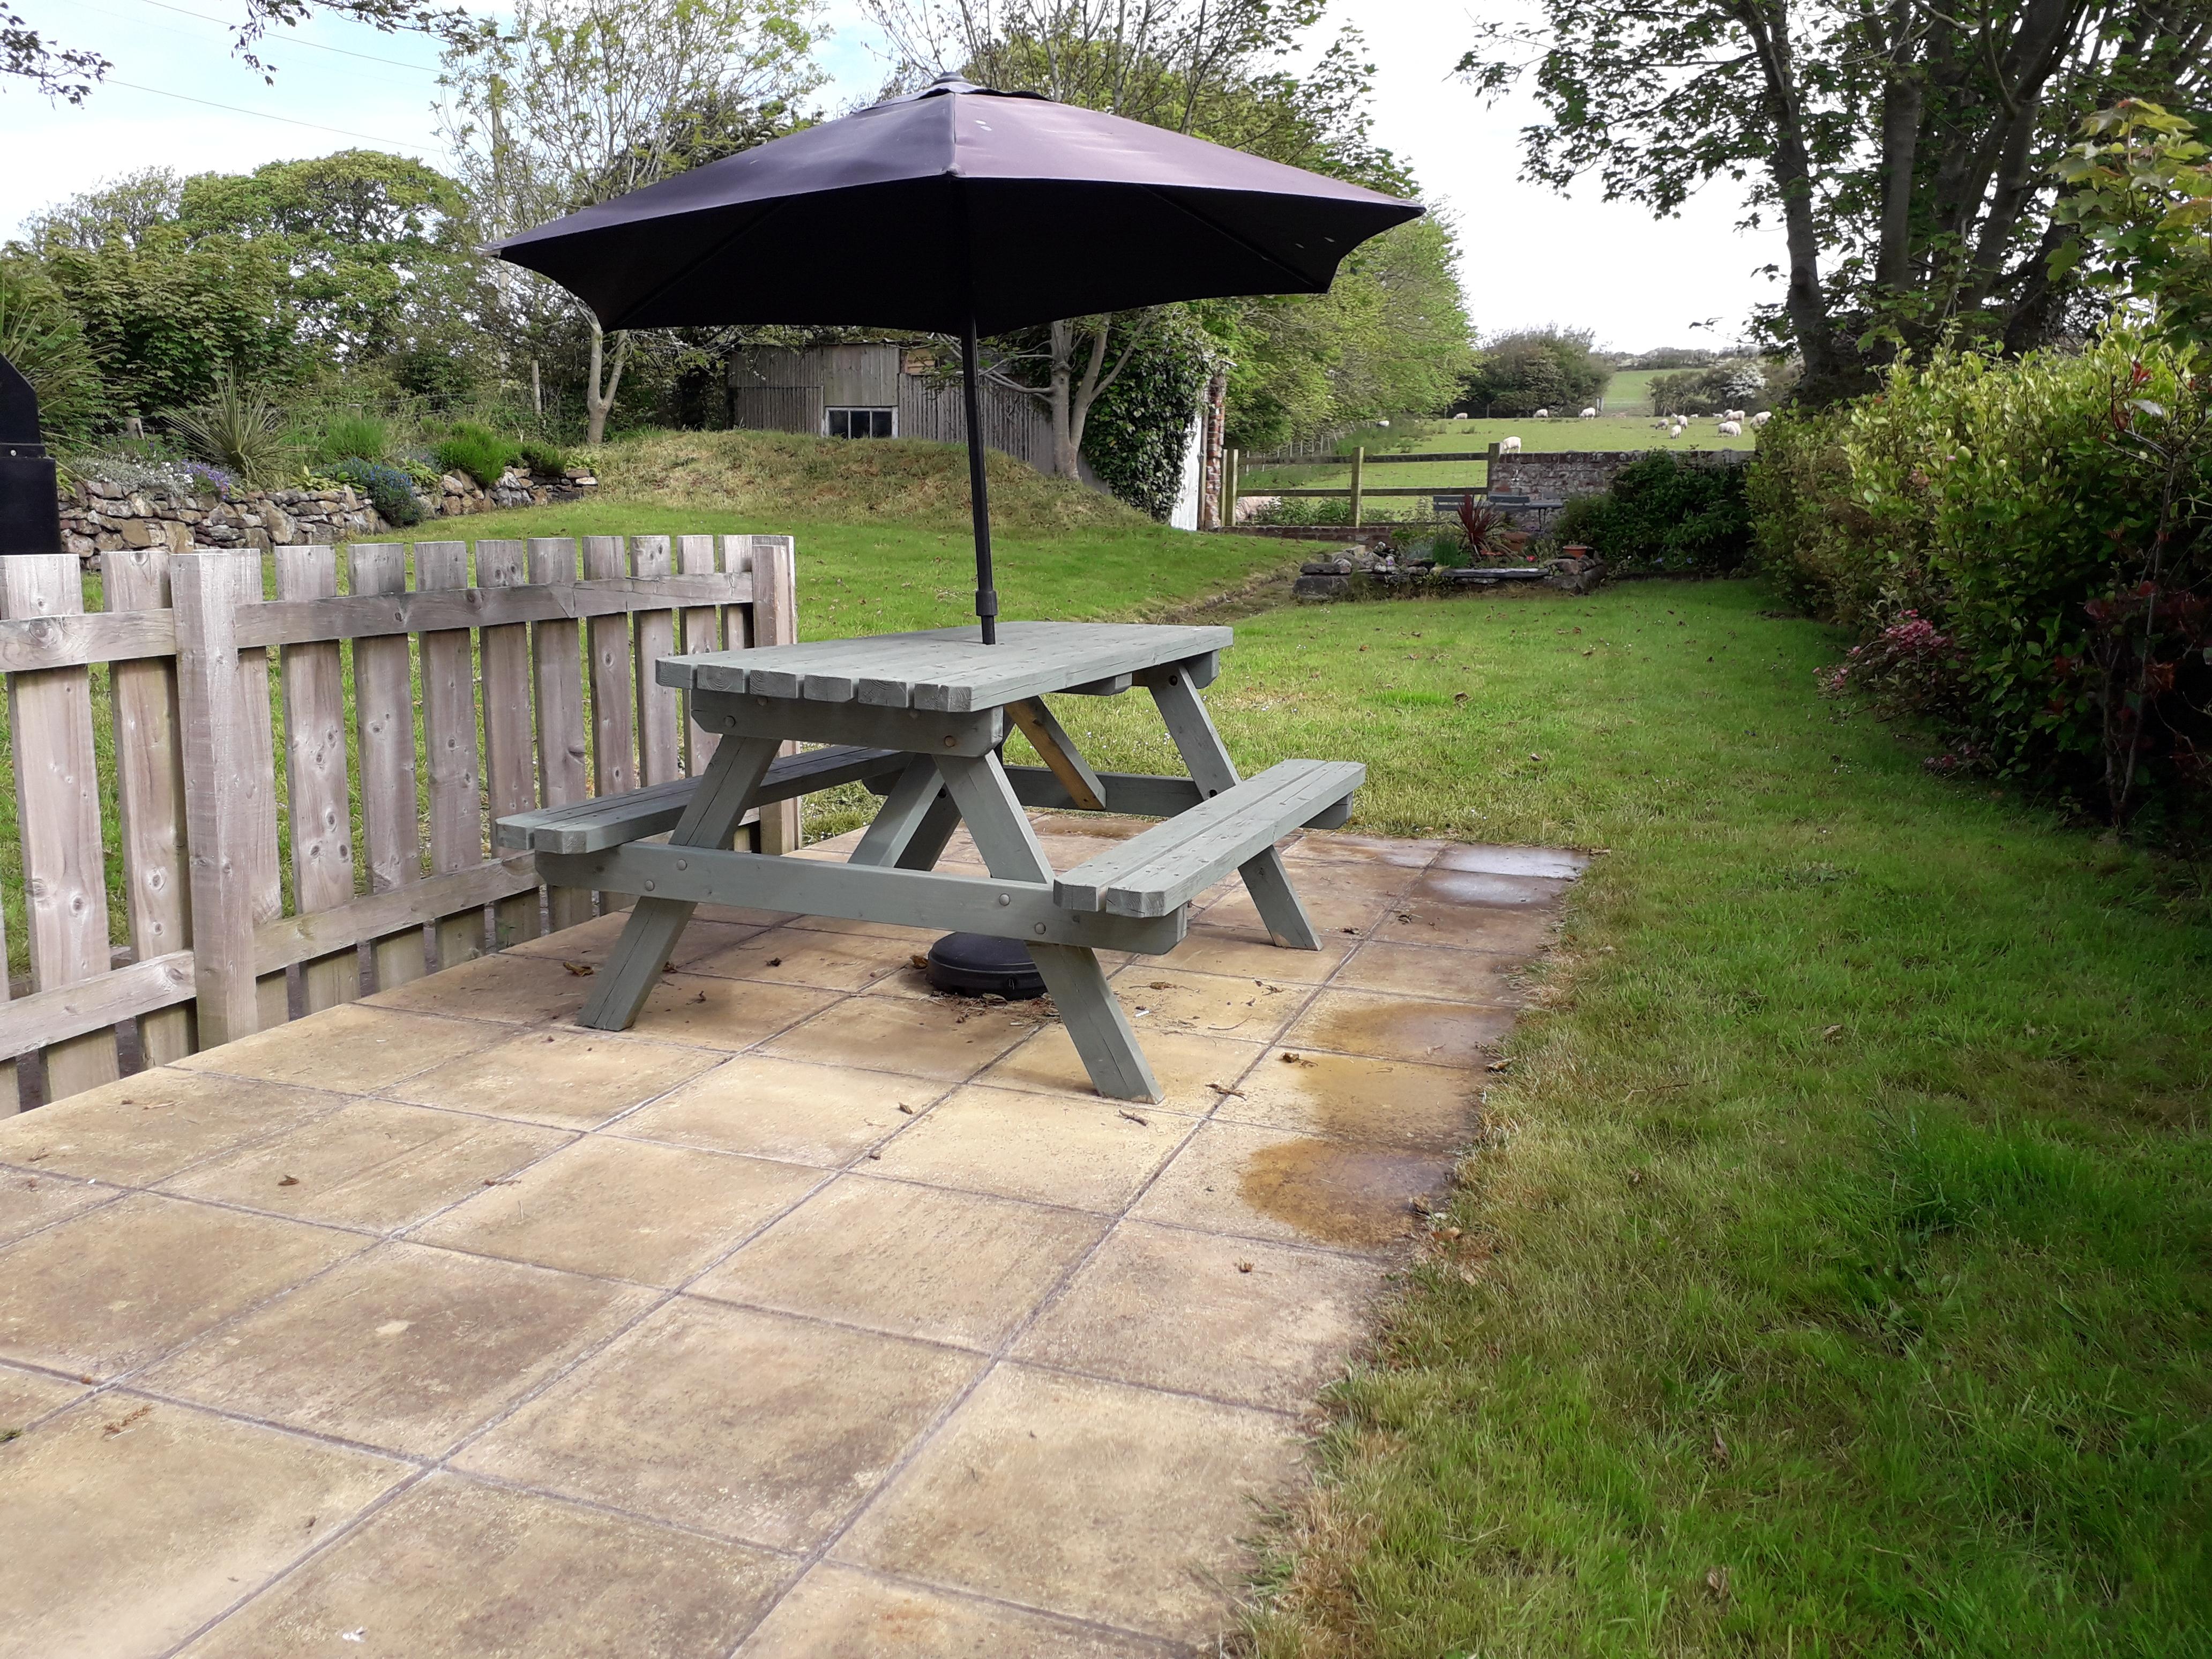 Main patio and garden